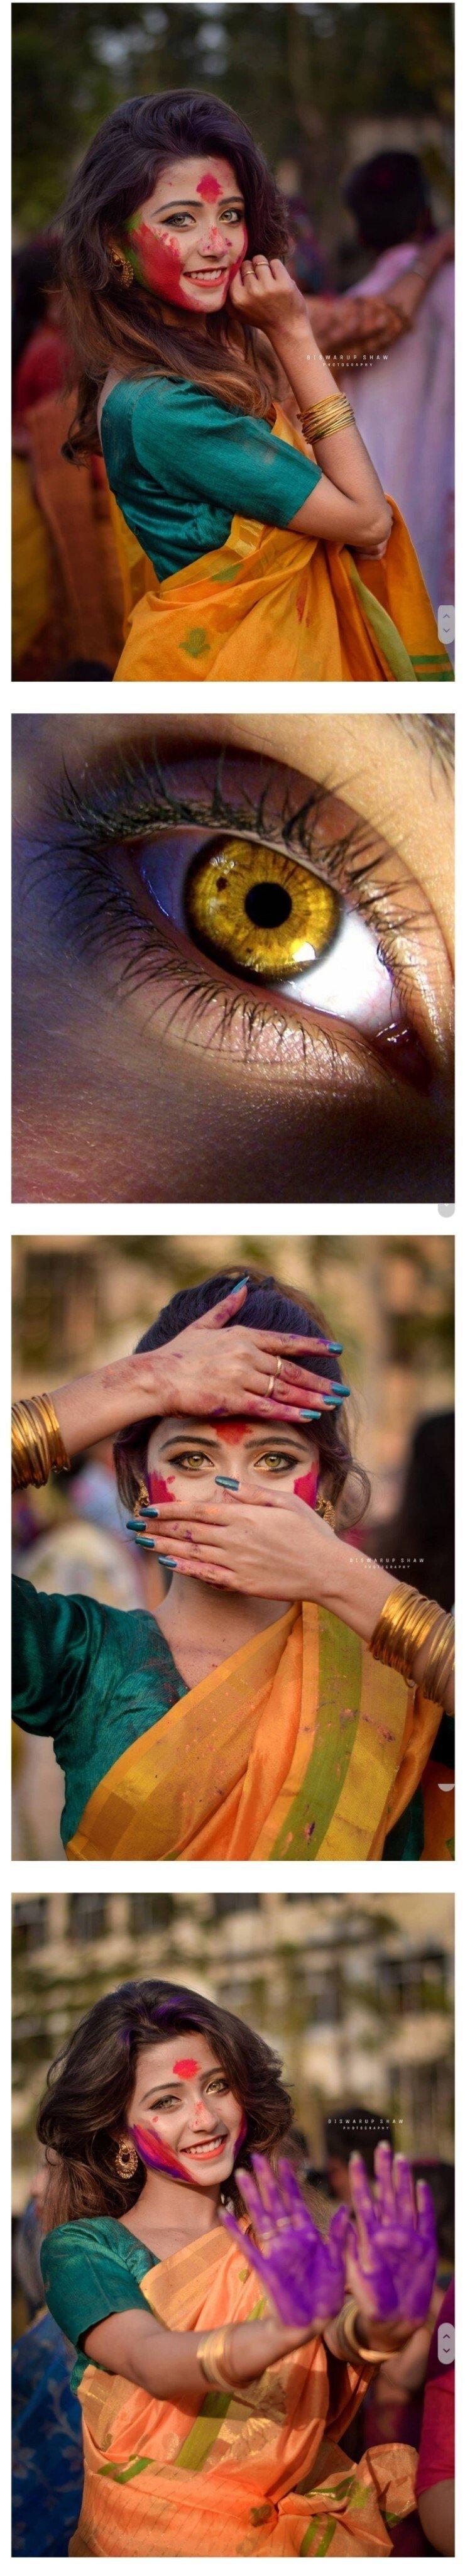 황금색 눈동자를 가진 여자2.jpg